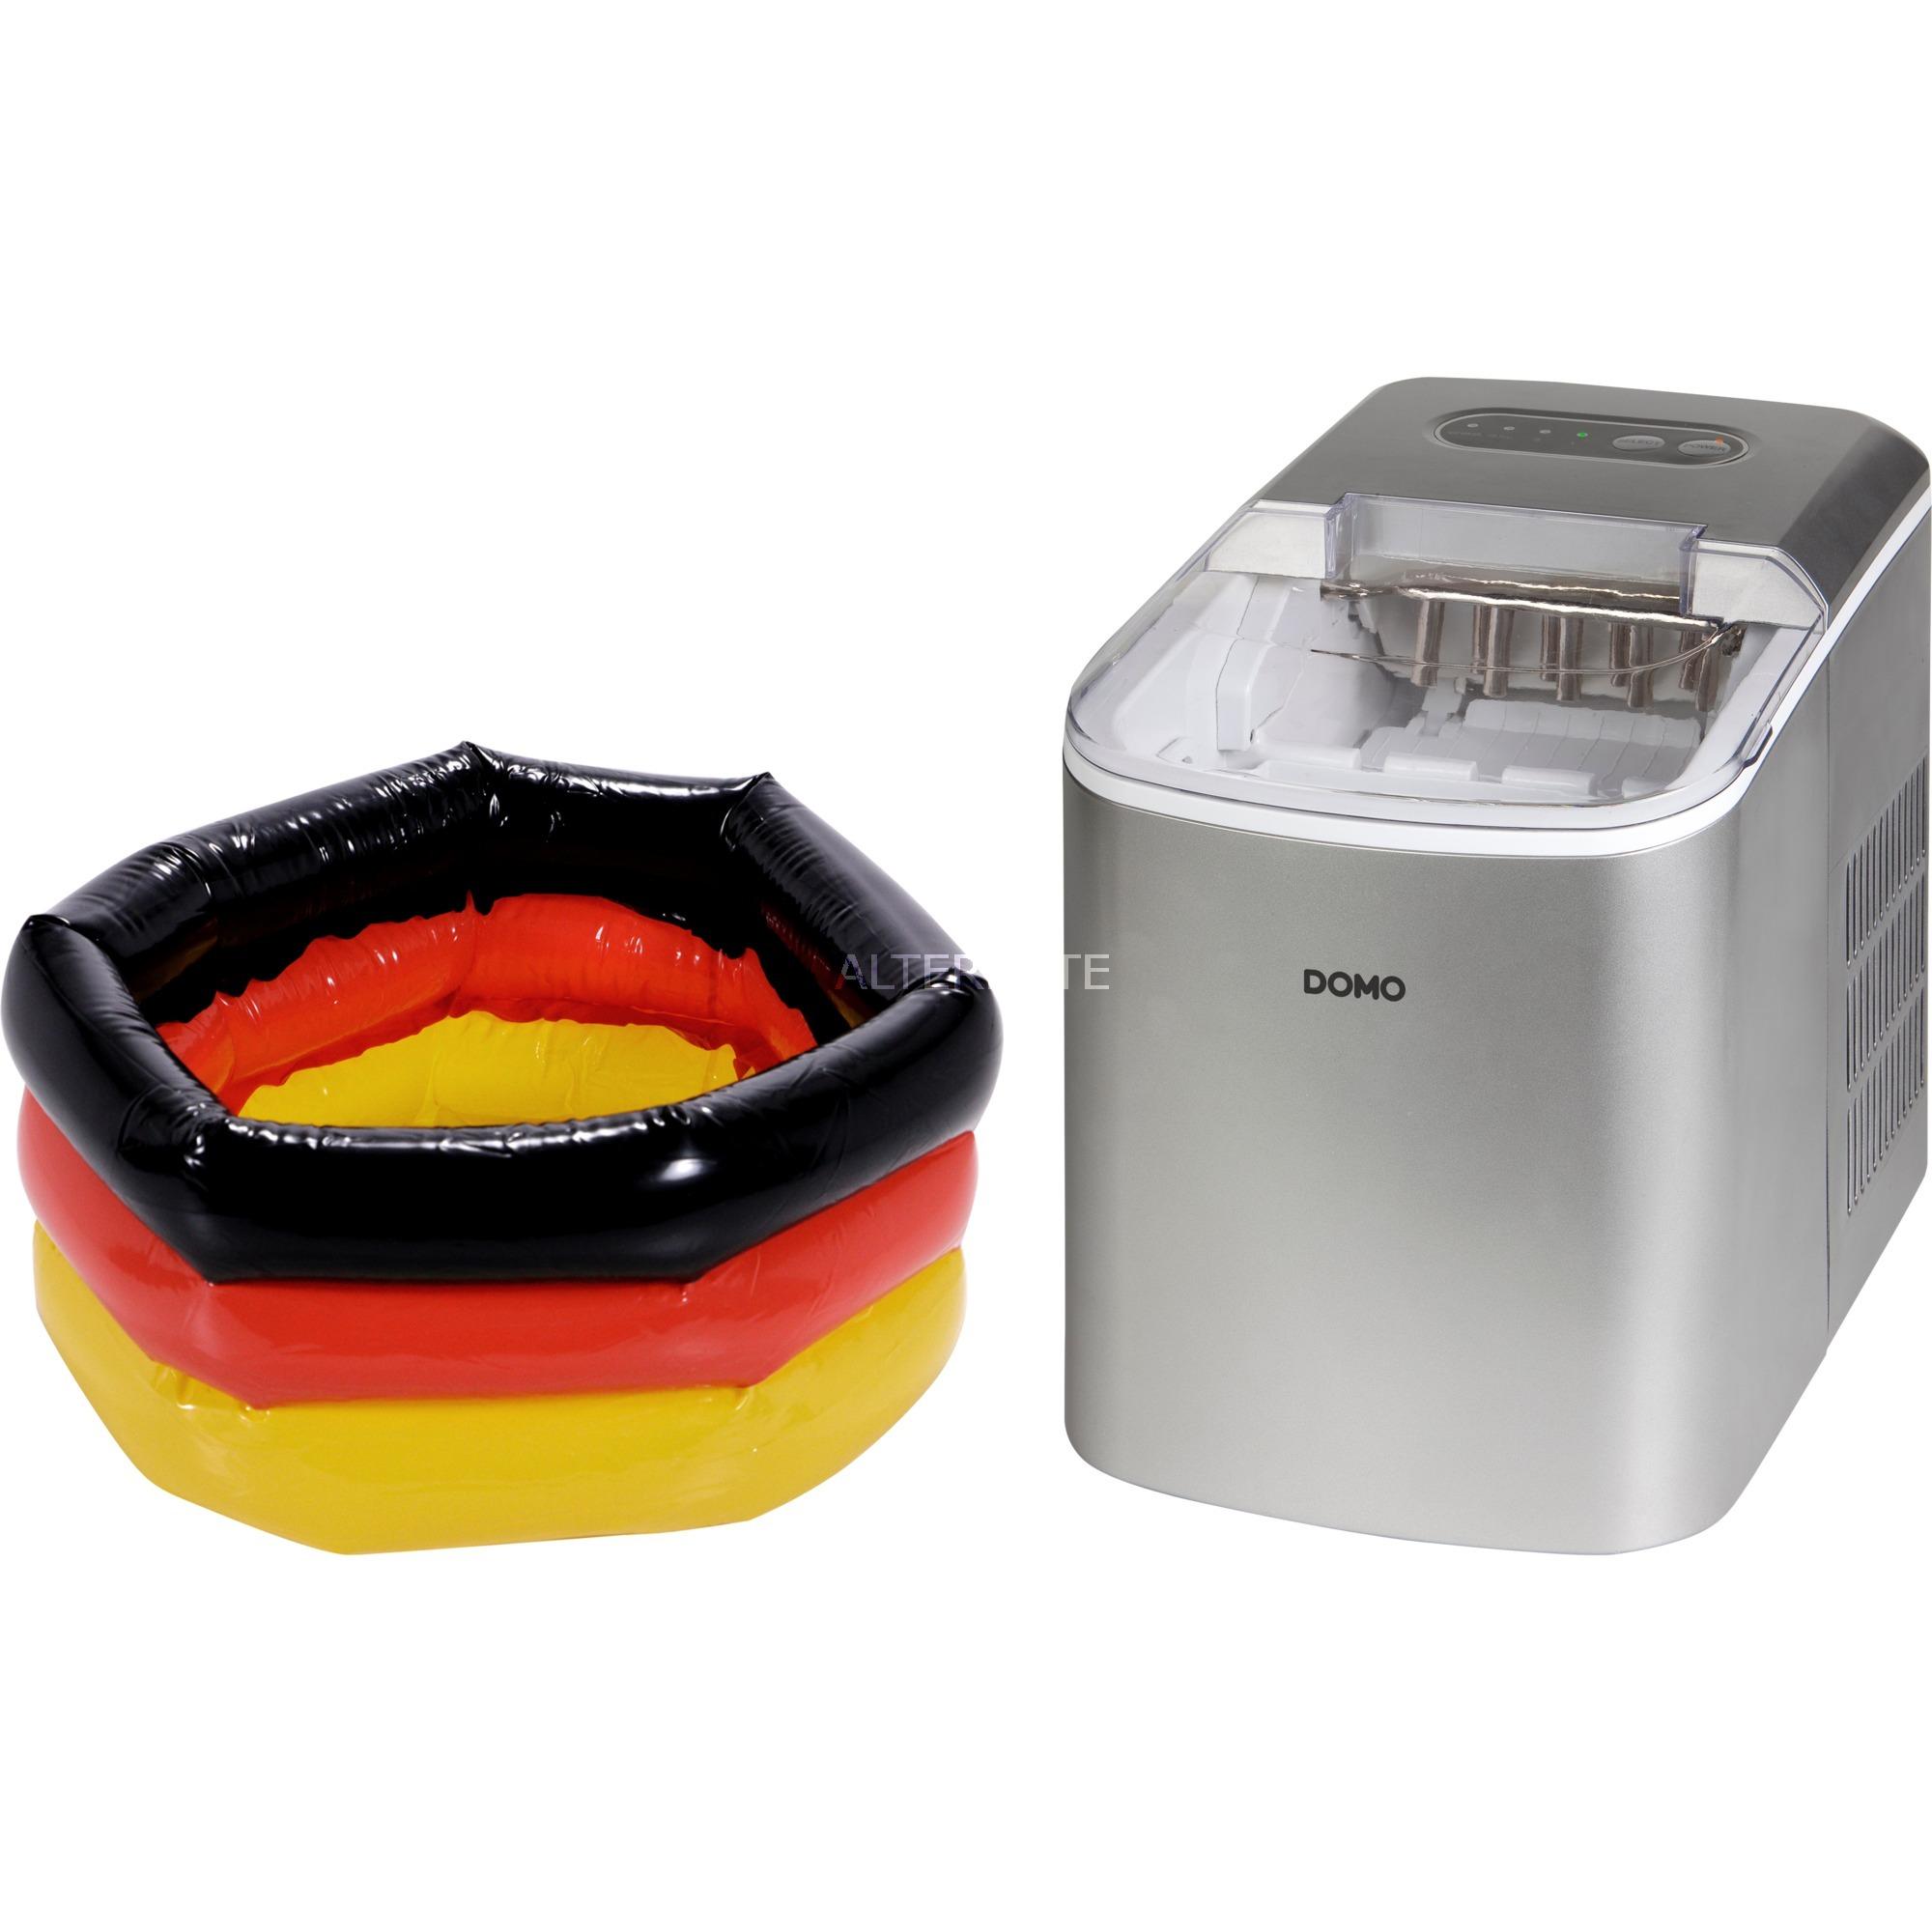 DO9200IB máquina de cubo de hielo Built-in/freestanding ice cube maker 12 kg/24h Acero inoxidable, Preparador de cubitos de hielo